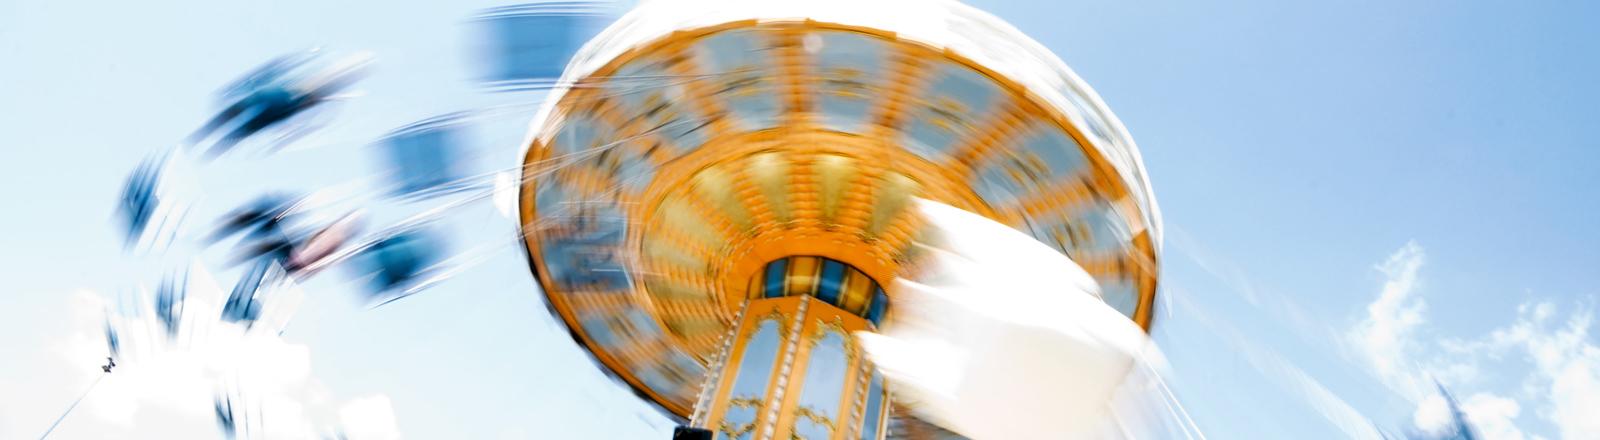 Immer schneller dreht sich das Karusell